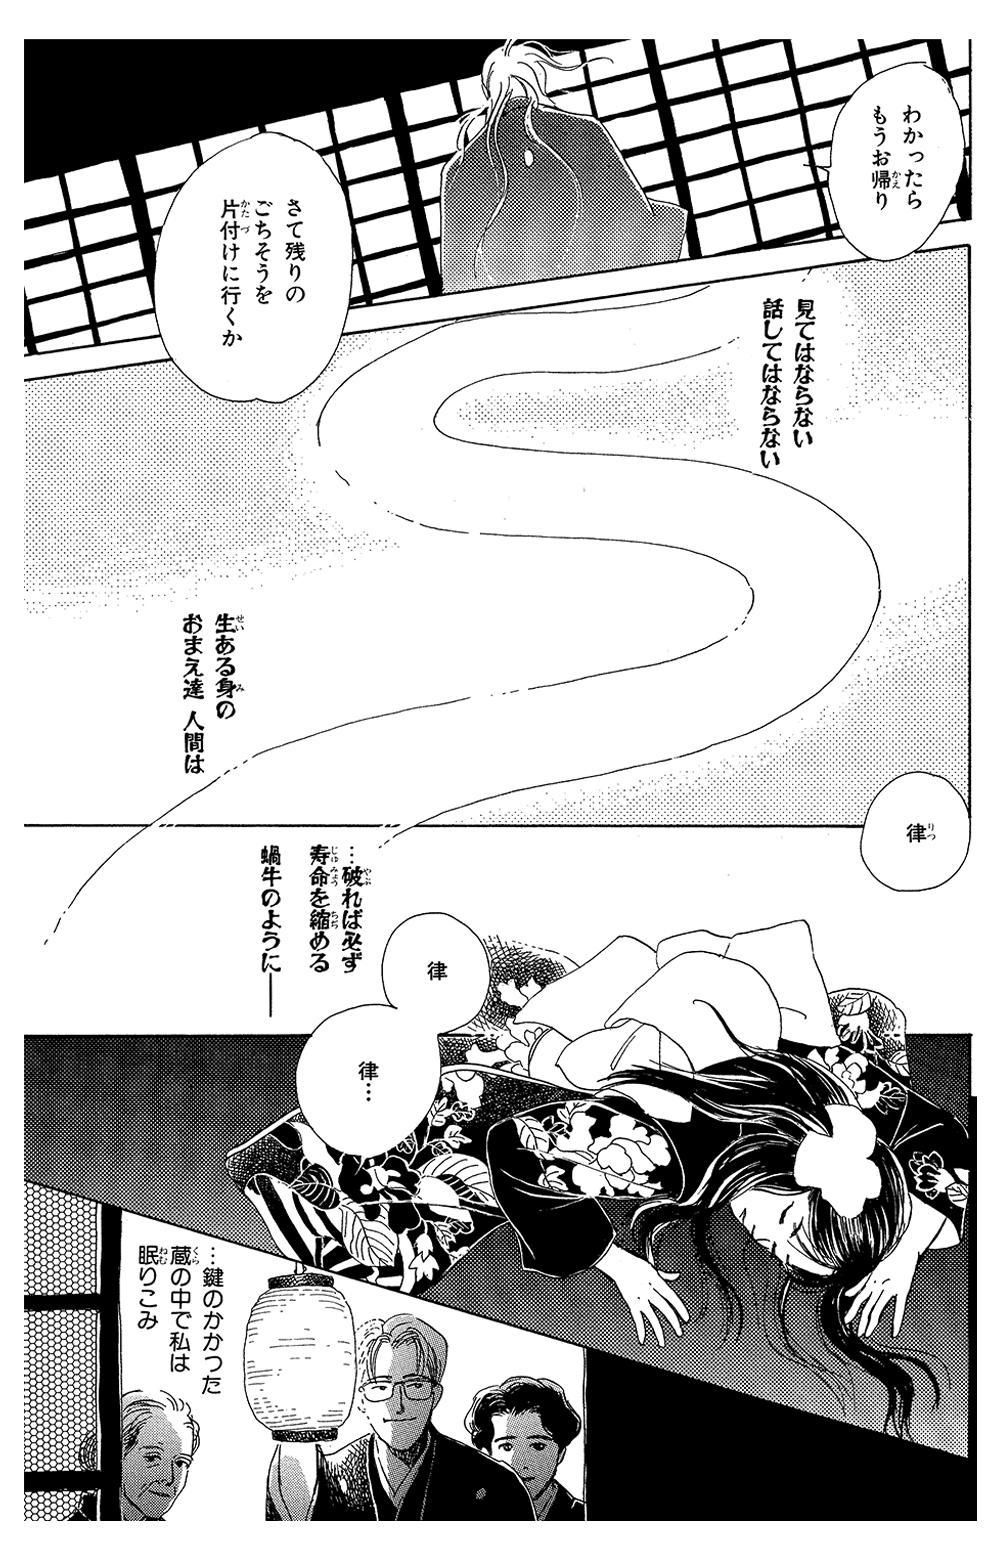 百鬼夜行抄 序章「精進おとしの客」hyakki15.jpg